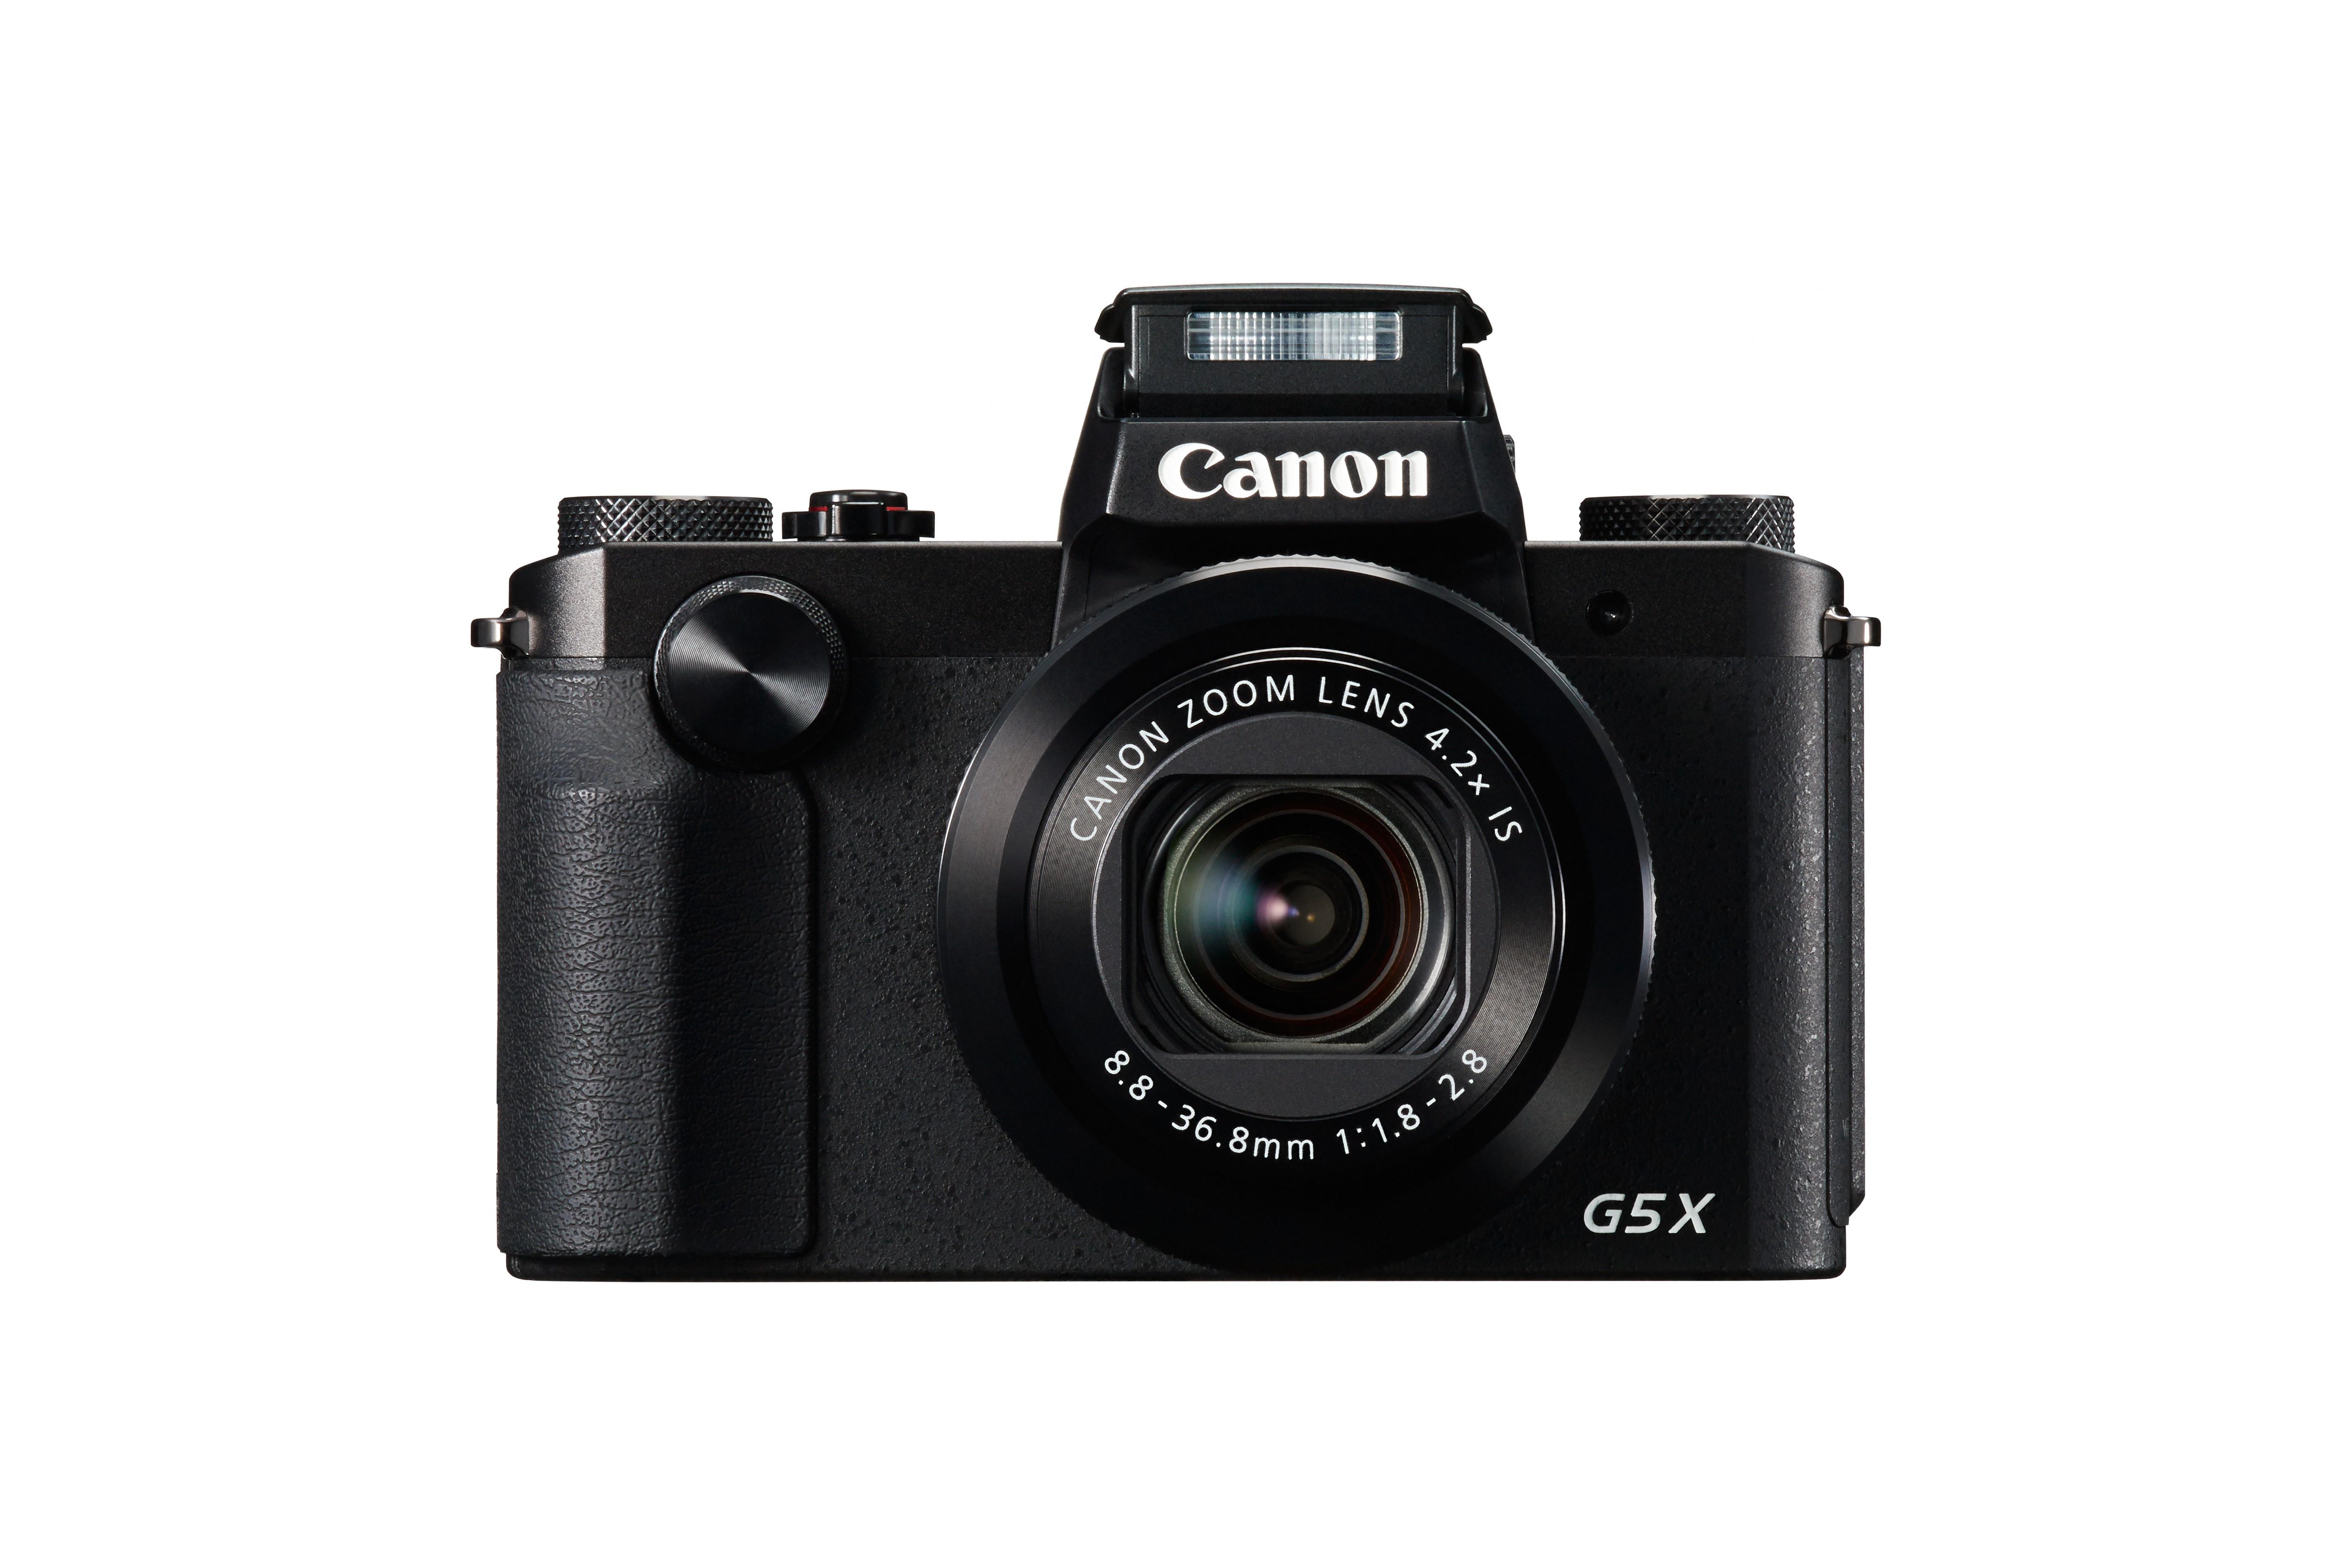 db26657fba9ec5 Canon PowerShot G5 X   test, prix et fiche technique - Appareil ...